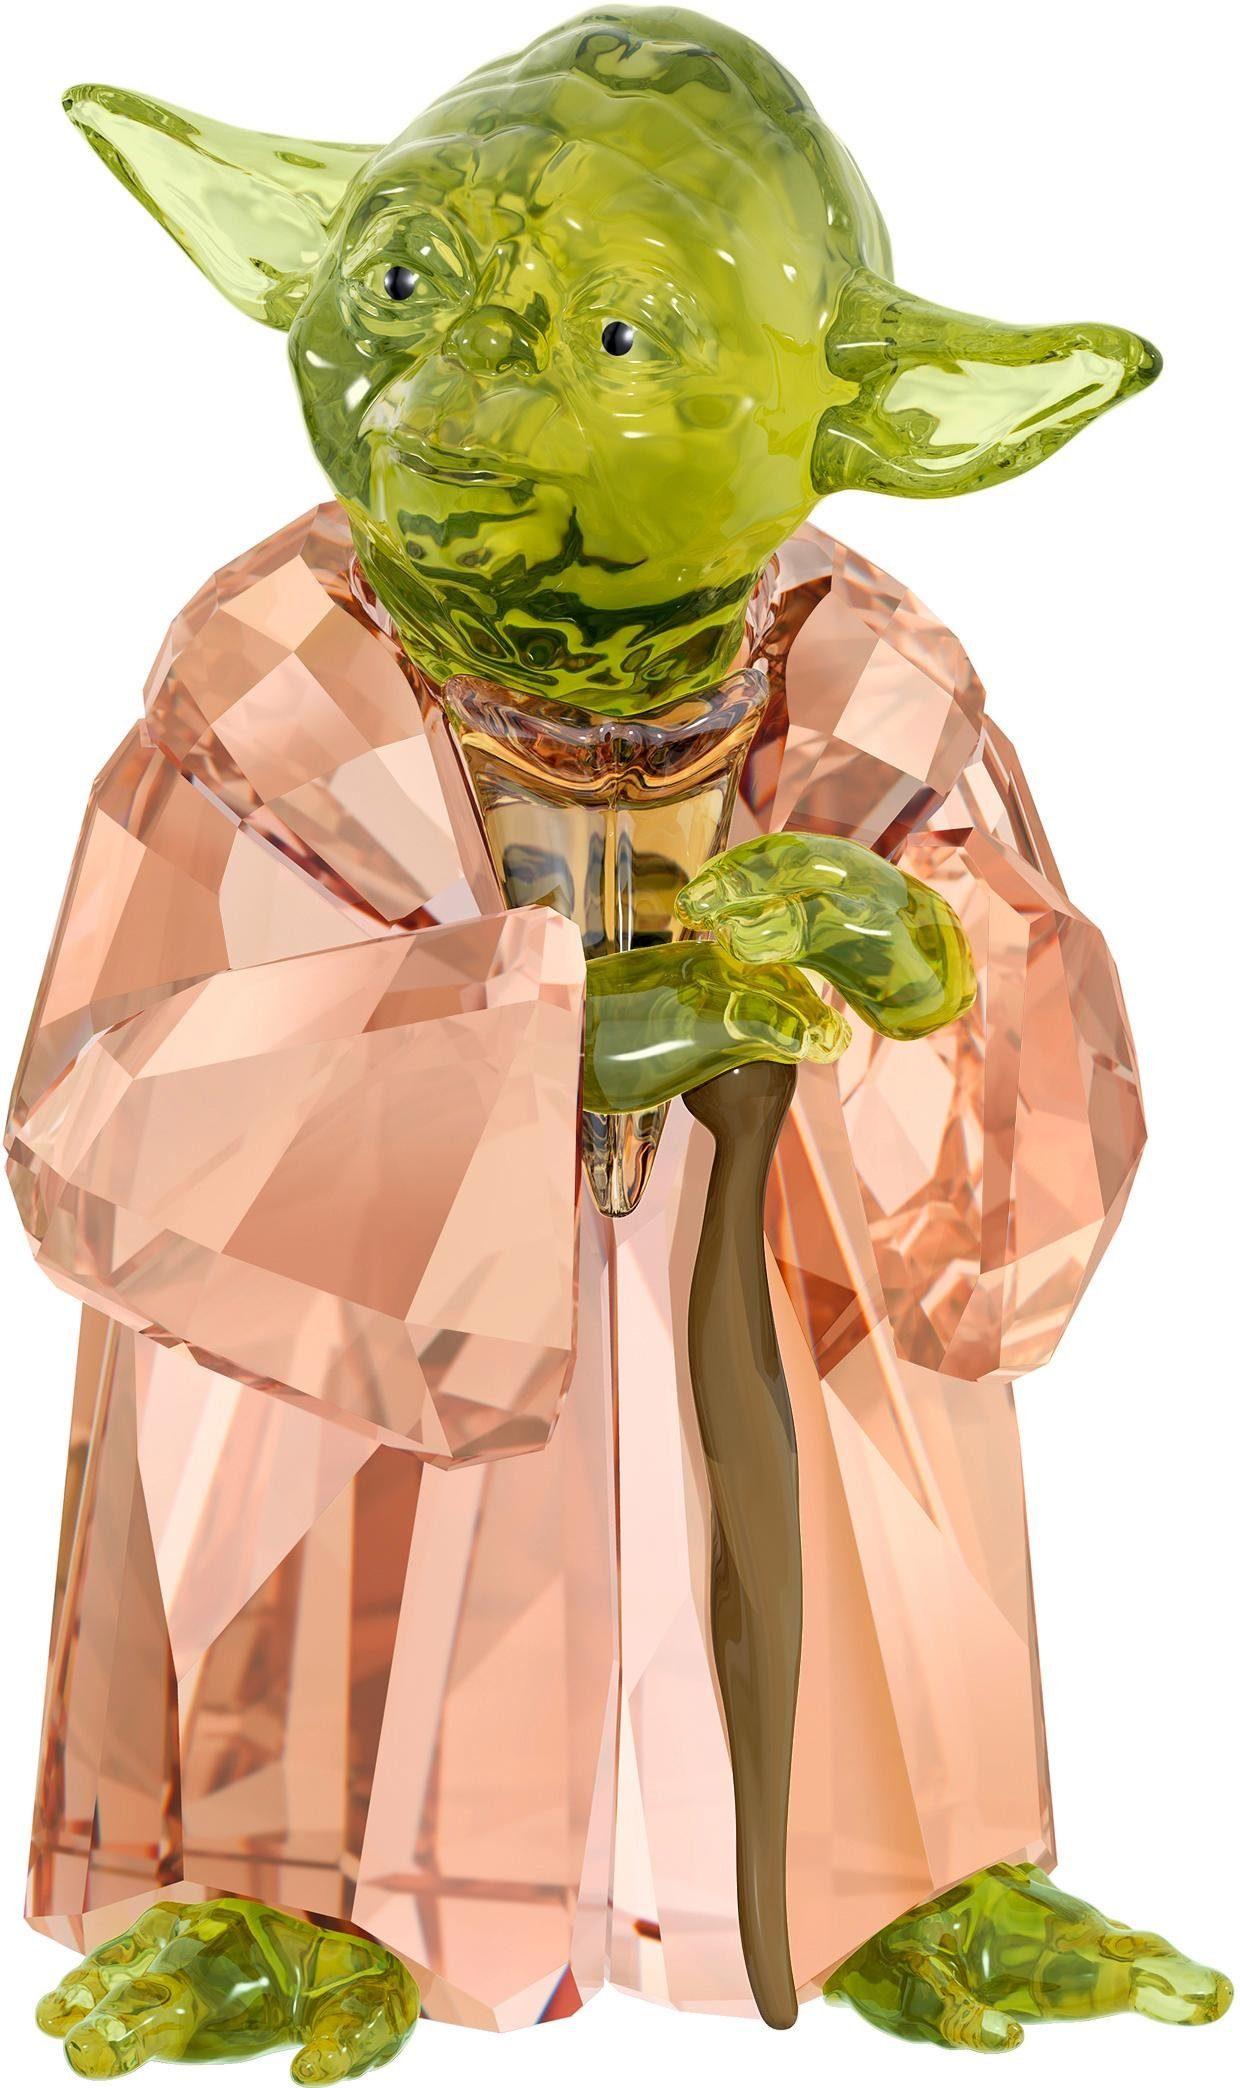 Swarovski Dekofigur »STAR WARS - MASTER YODA, 5393456«, Swarovski®-Kristall, (1-tlg), Swarovski® Kristall